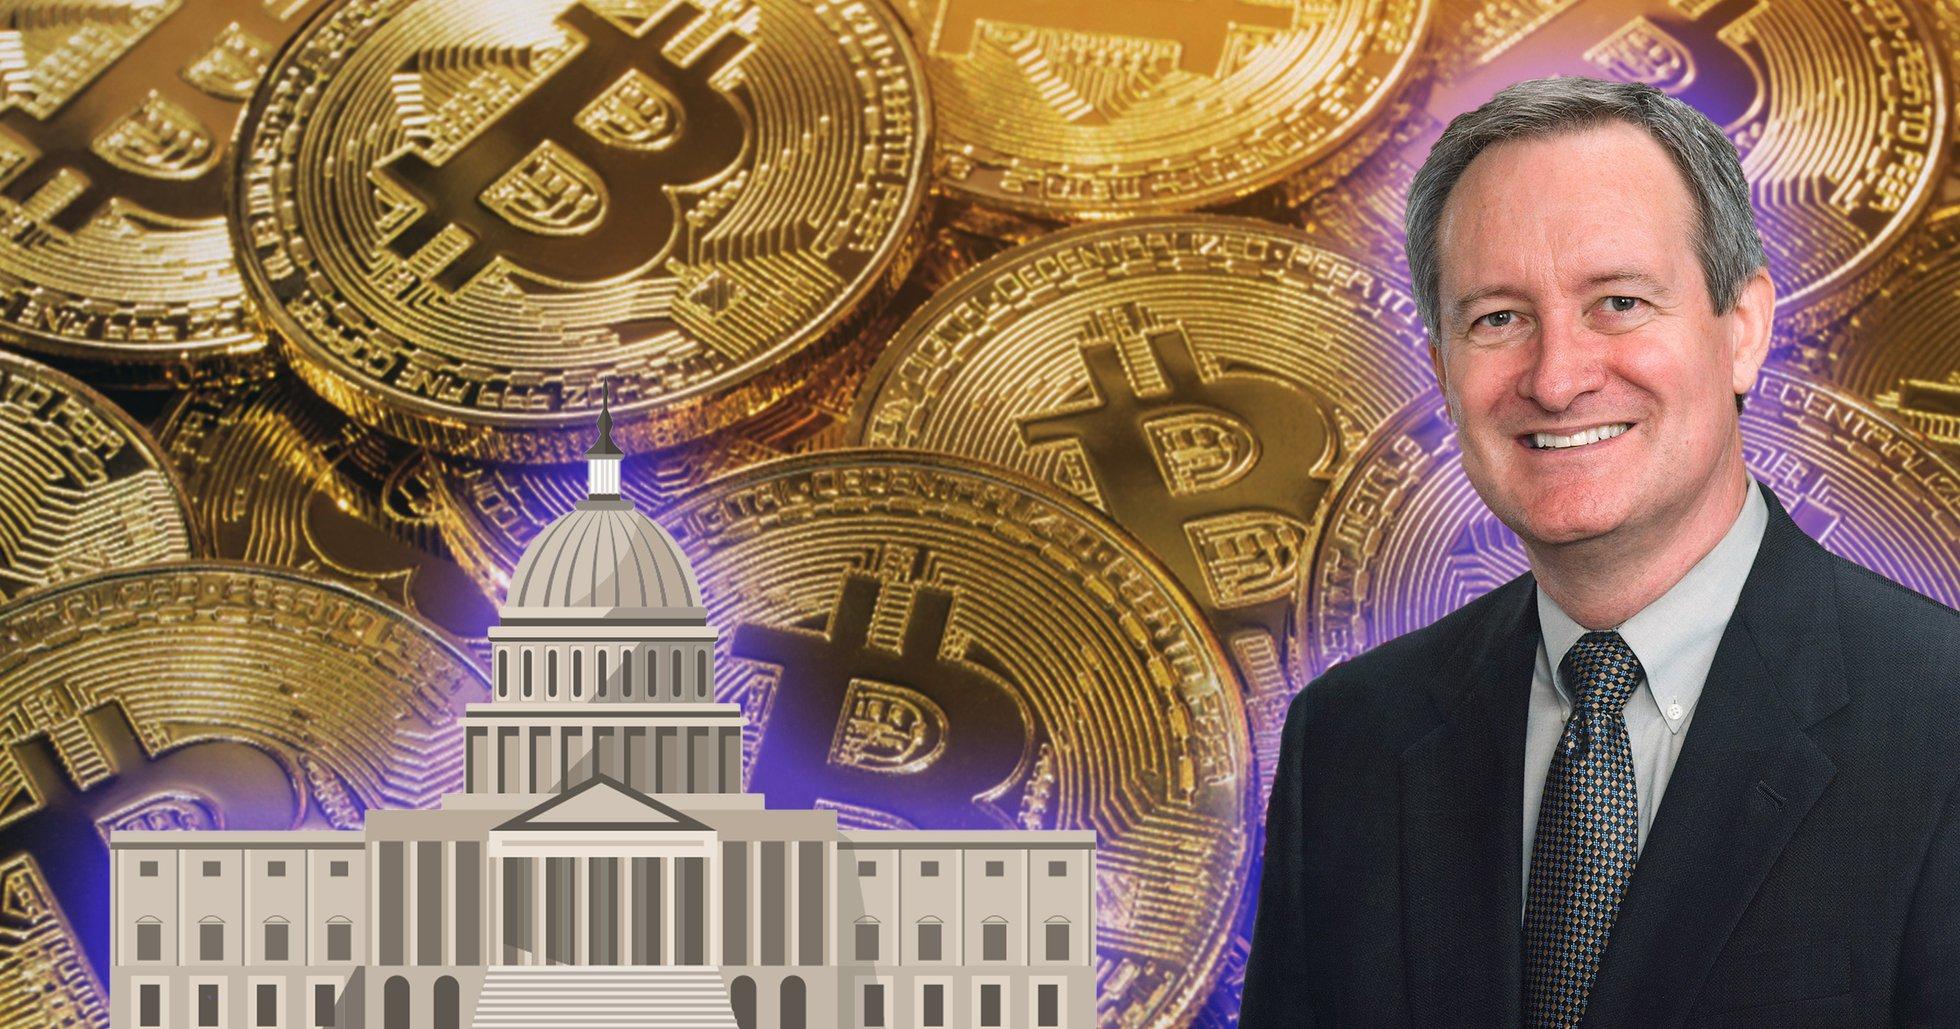 Amerikanska senatorn: Vi skulle inte kunna förbjuda kryptovalutor även om vi ville det